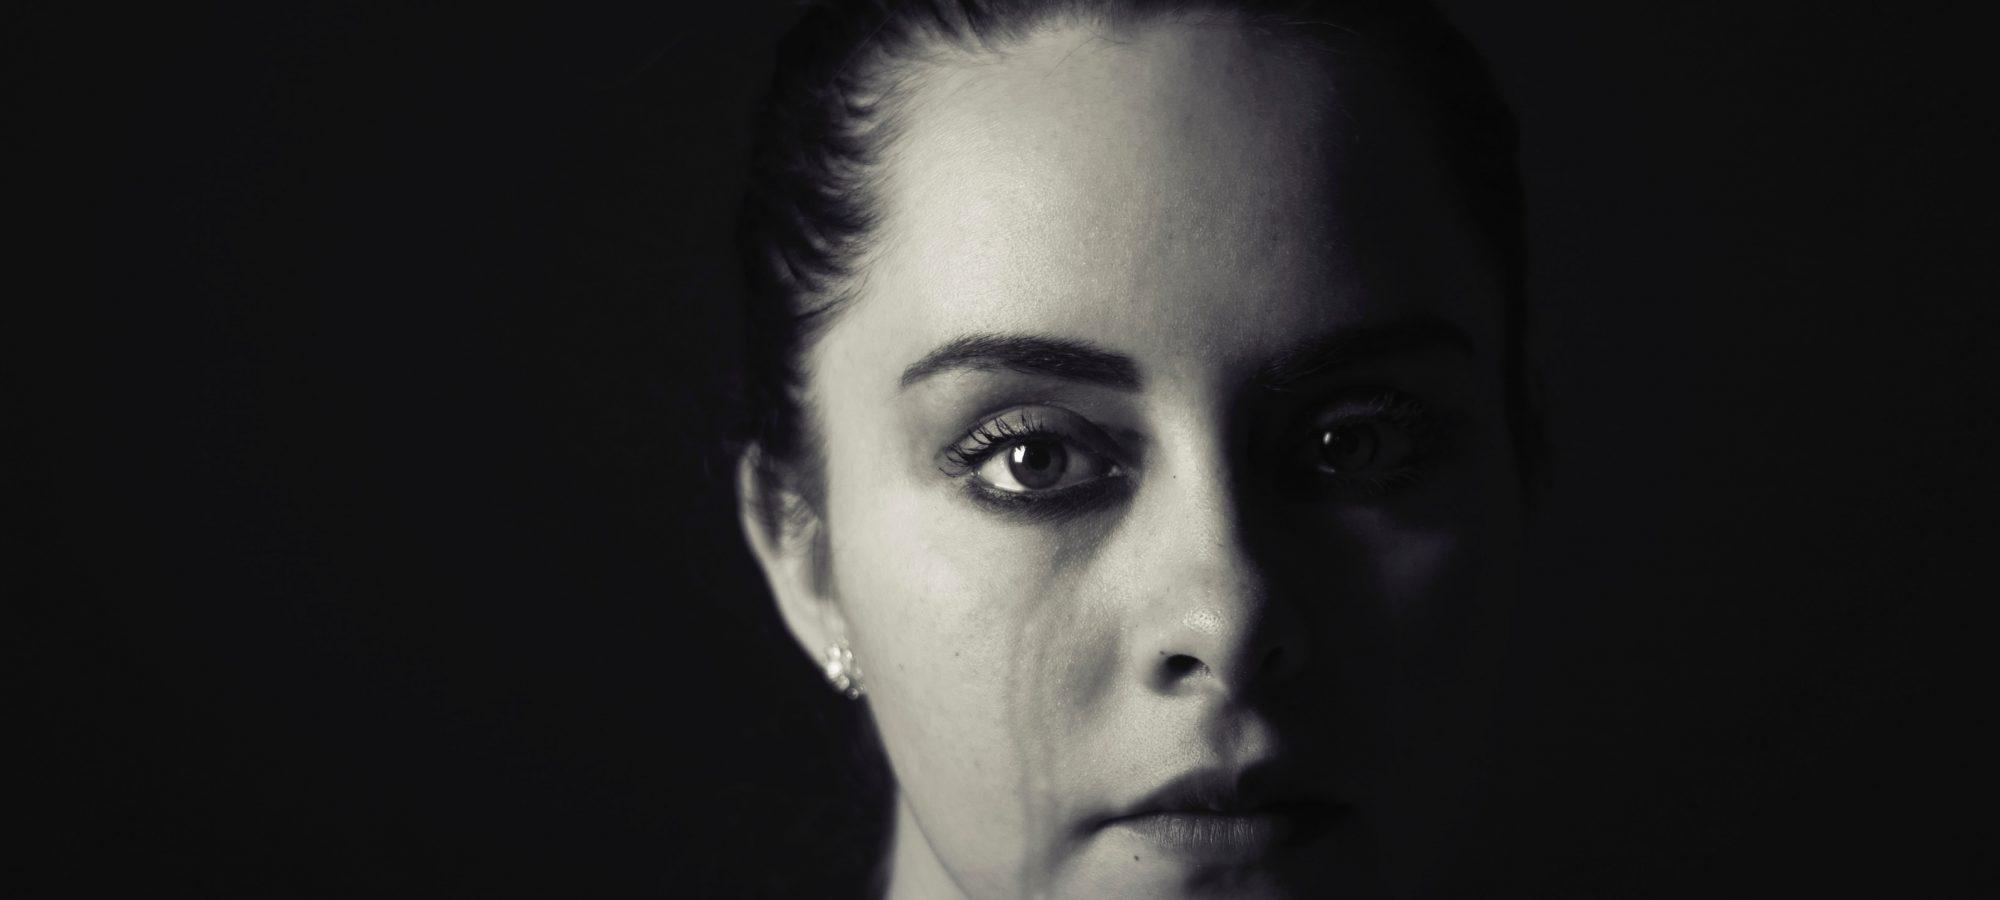 Spiritual Views on My Sexual Trauma